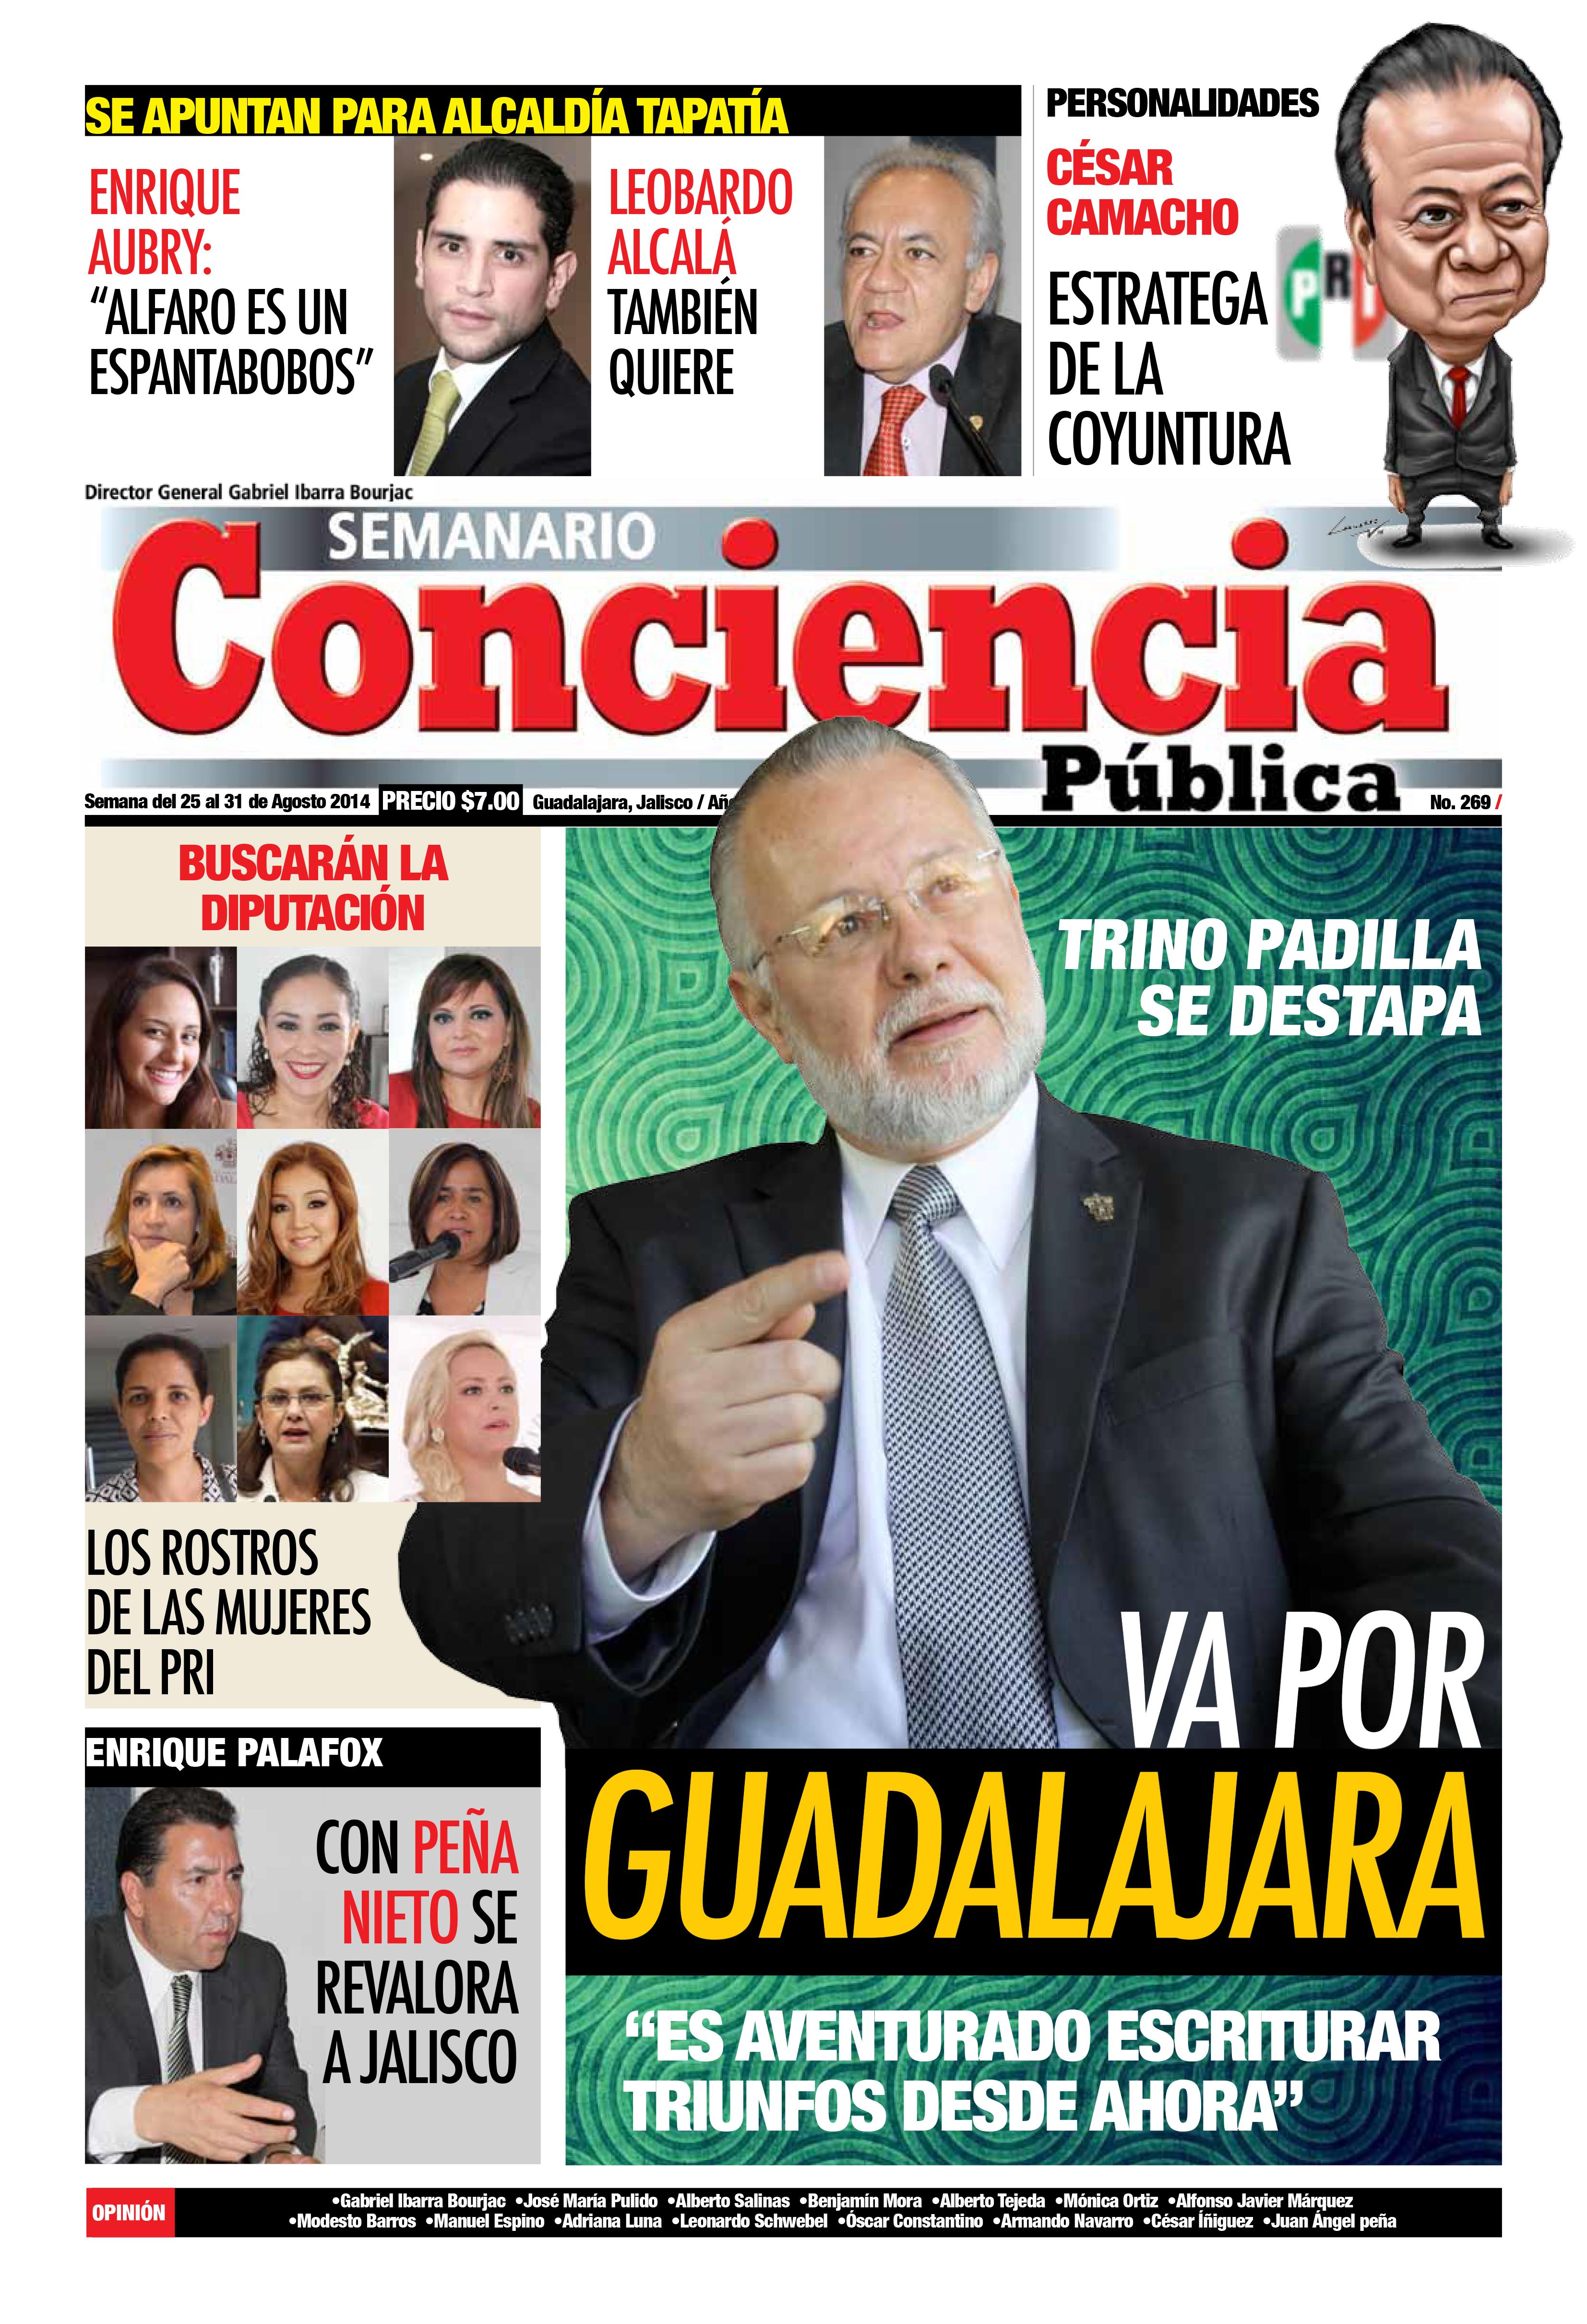 SEMANARIO CONCIENCIA PUBLICA